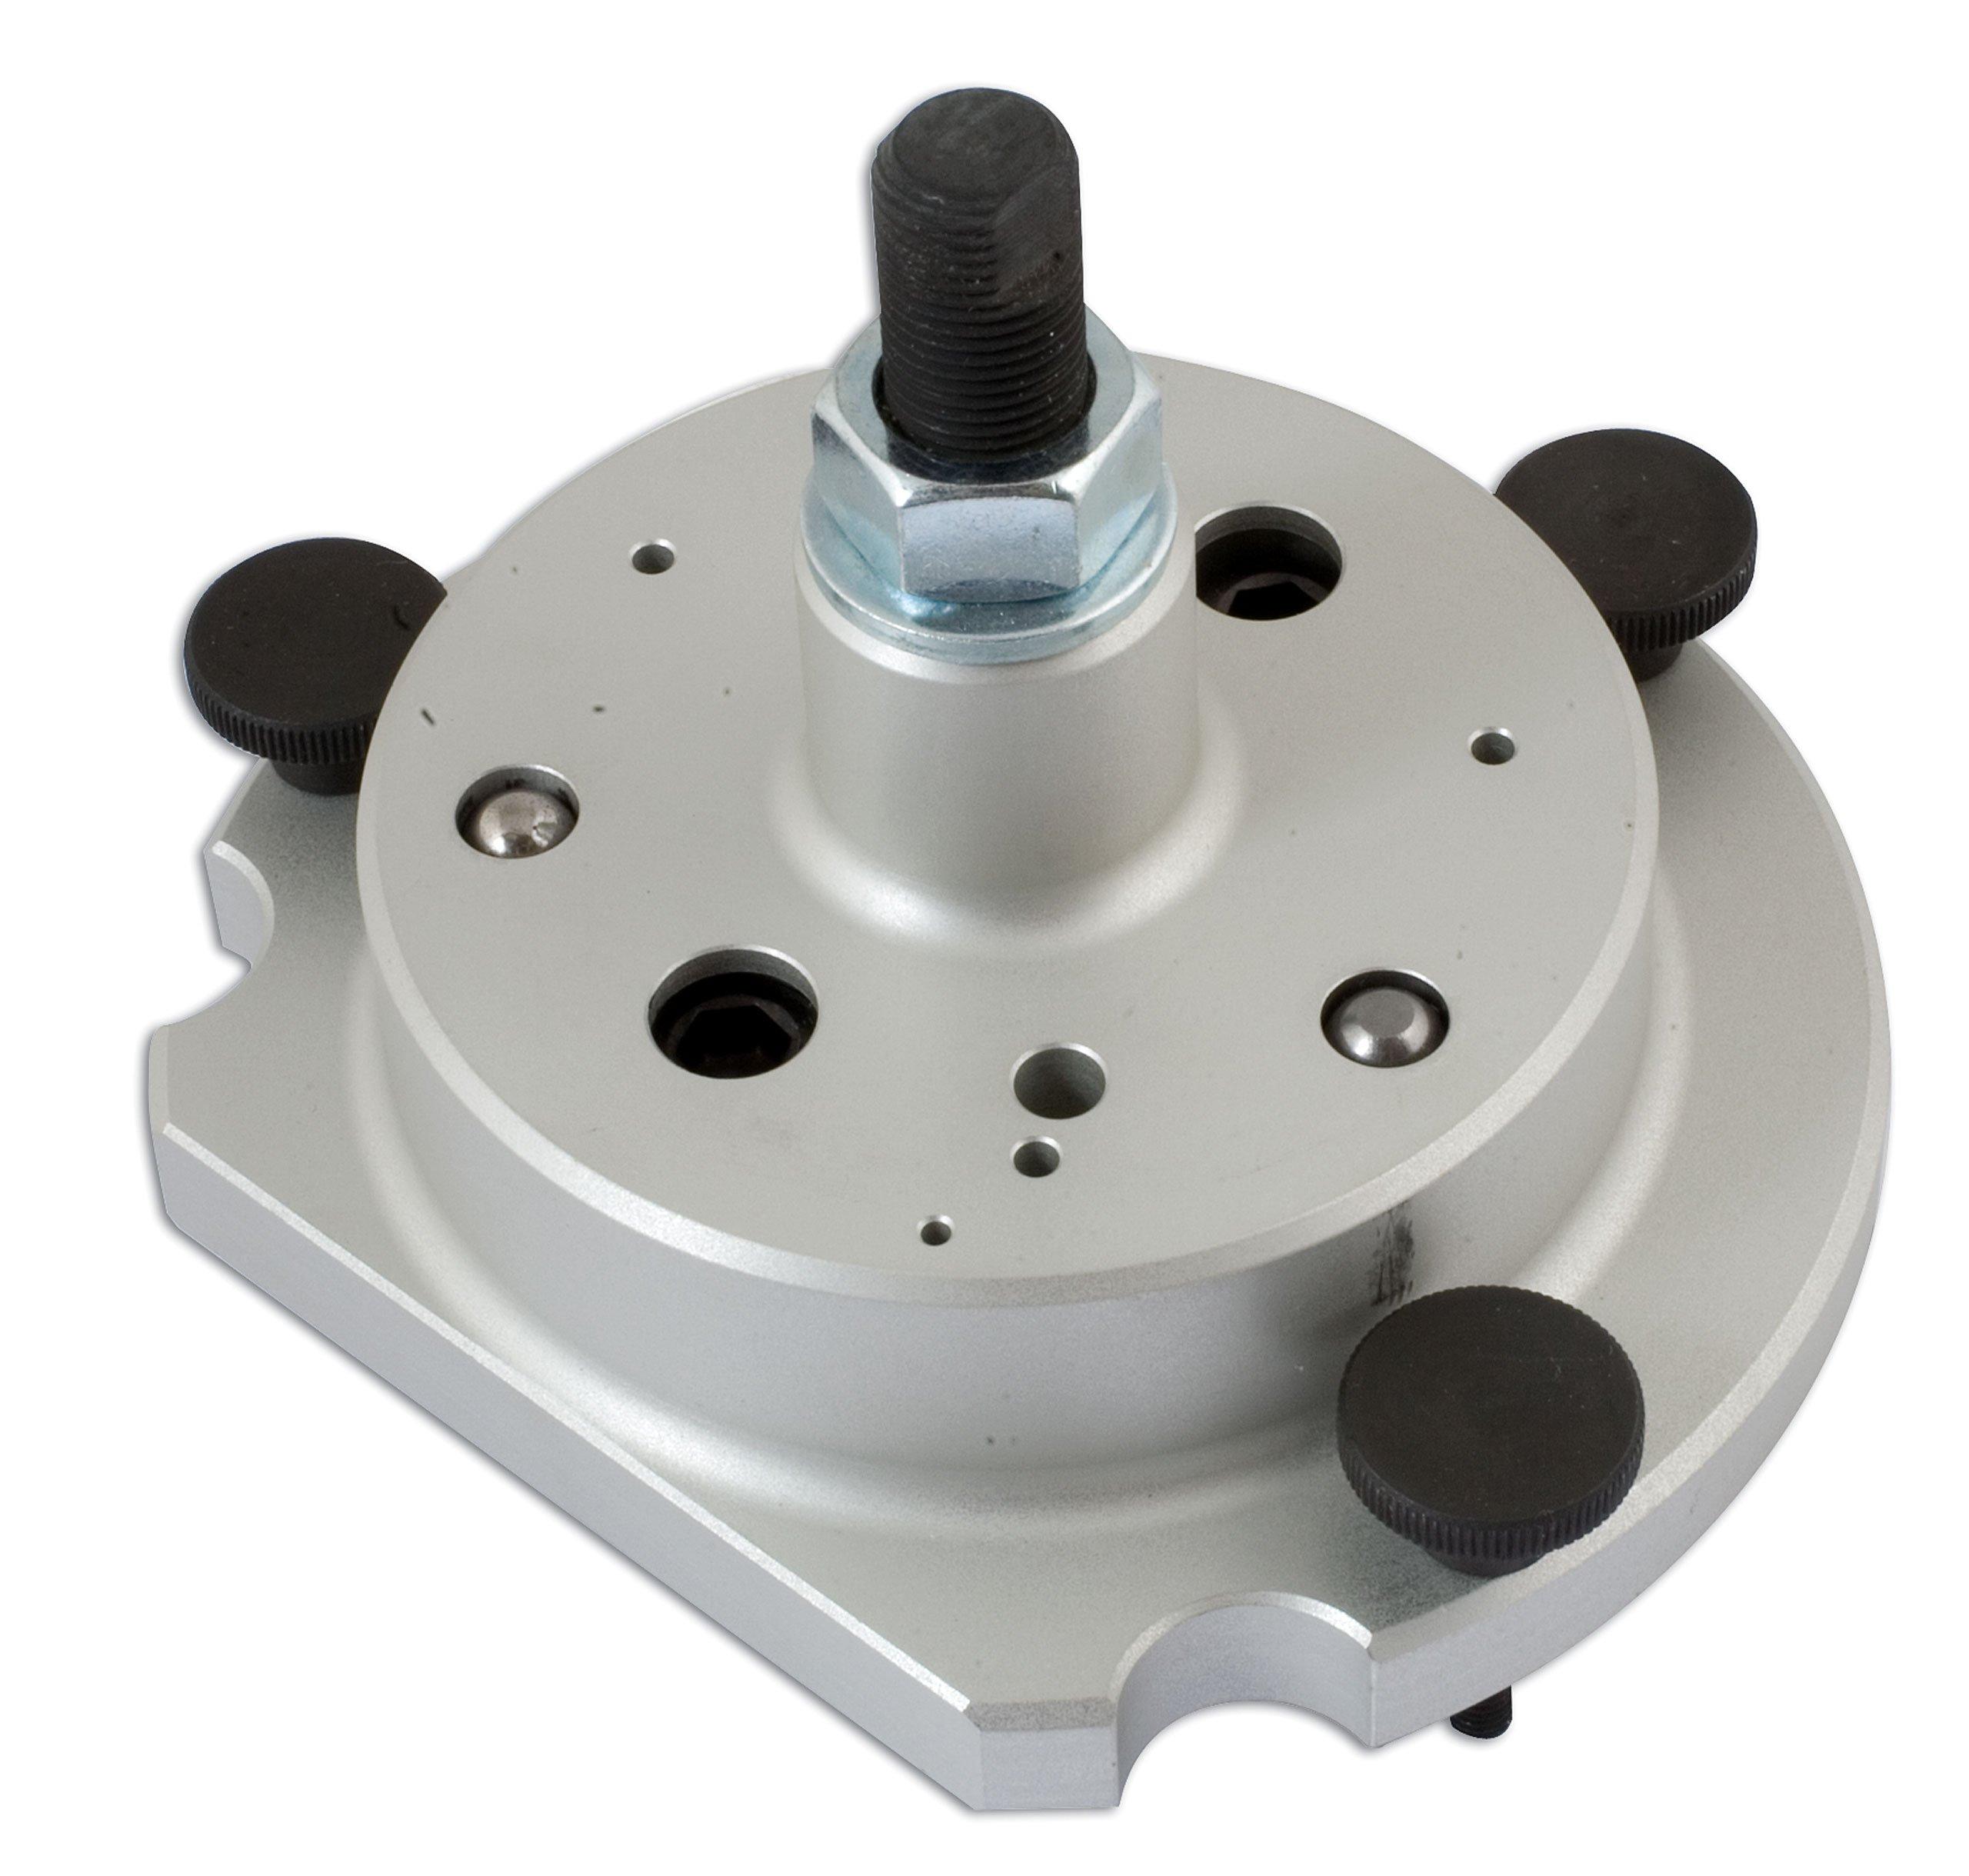 Laser - 4795 Crankshaft Seal Installing Tool VAG 1.4 1.6 16V by Laser (Image #1)